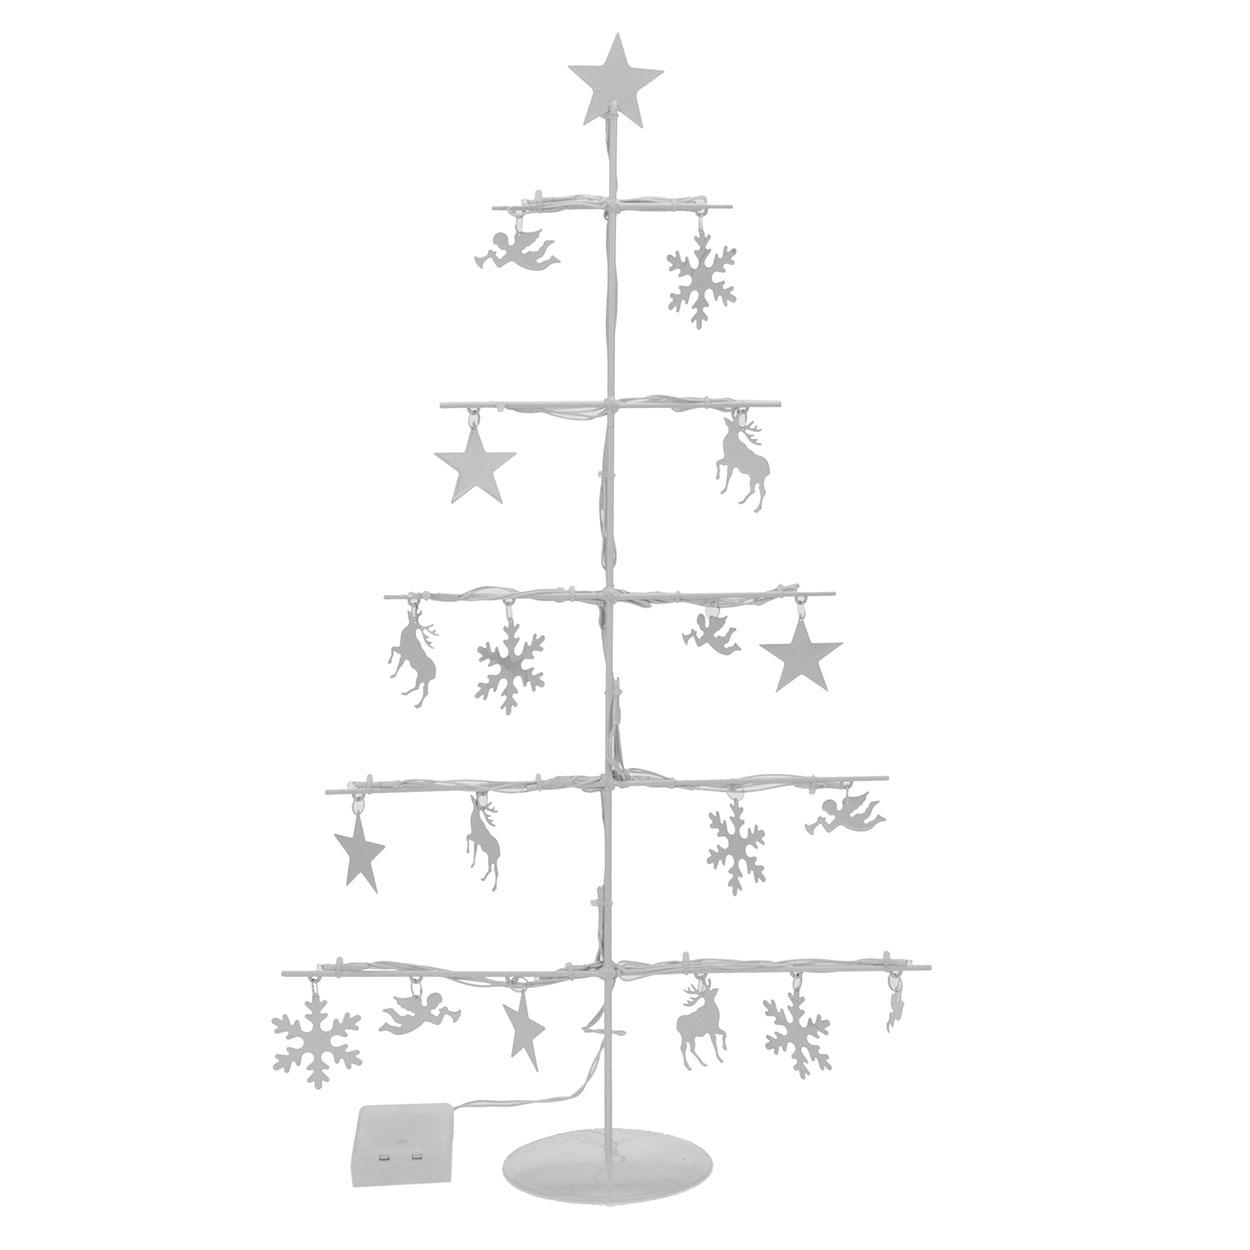 Metalen Kerstboom met Verlichting online kopen   Lobbes.nl